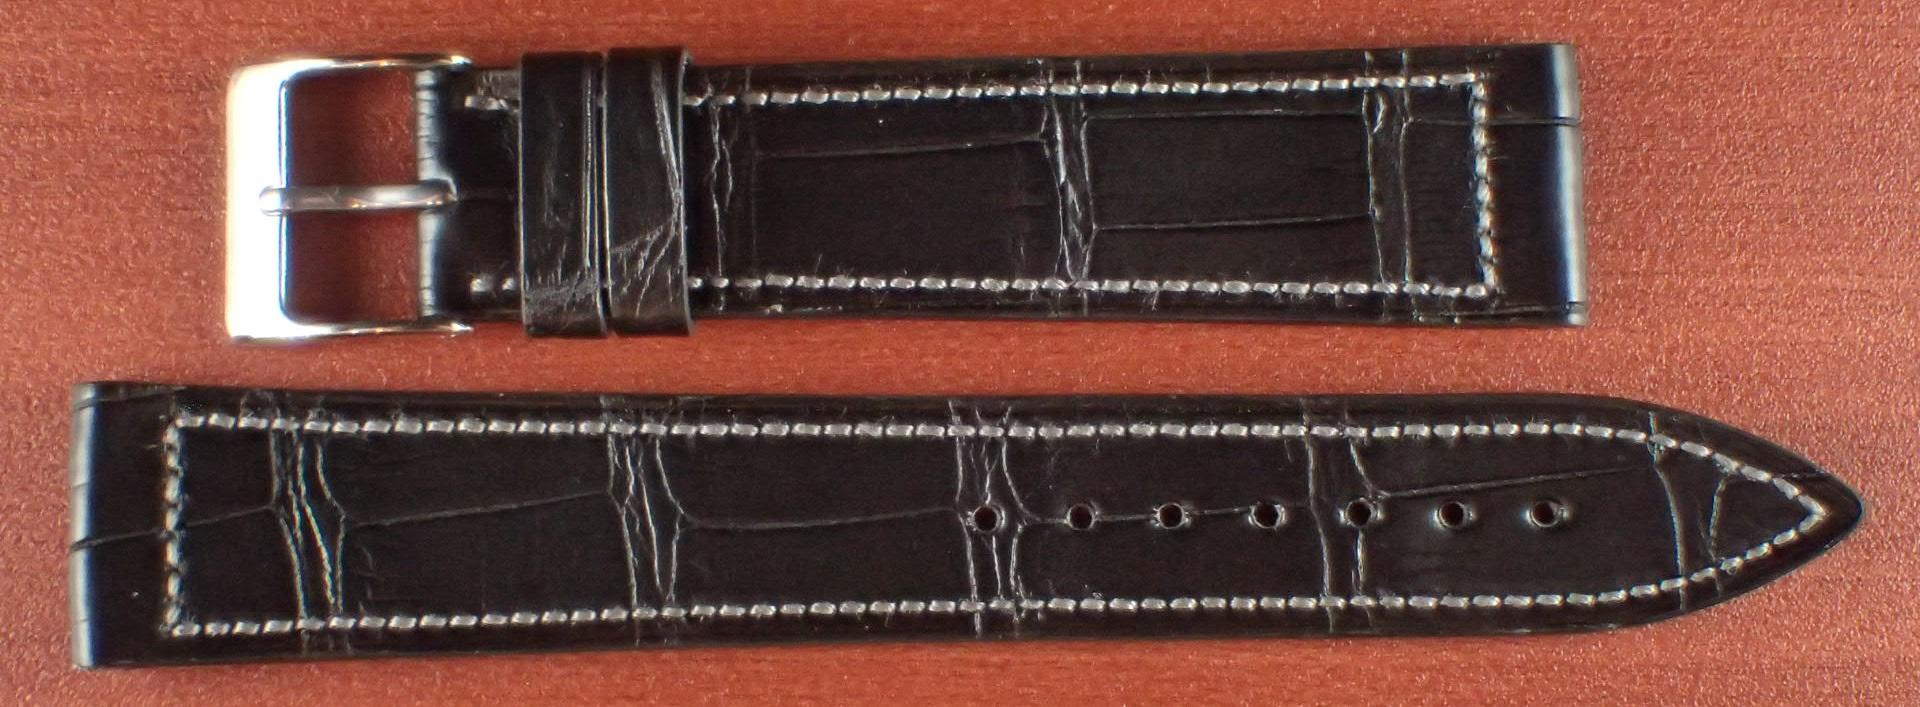 ジャン・クロード ペラン革ベルト クロコダイル ブラック 18mm